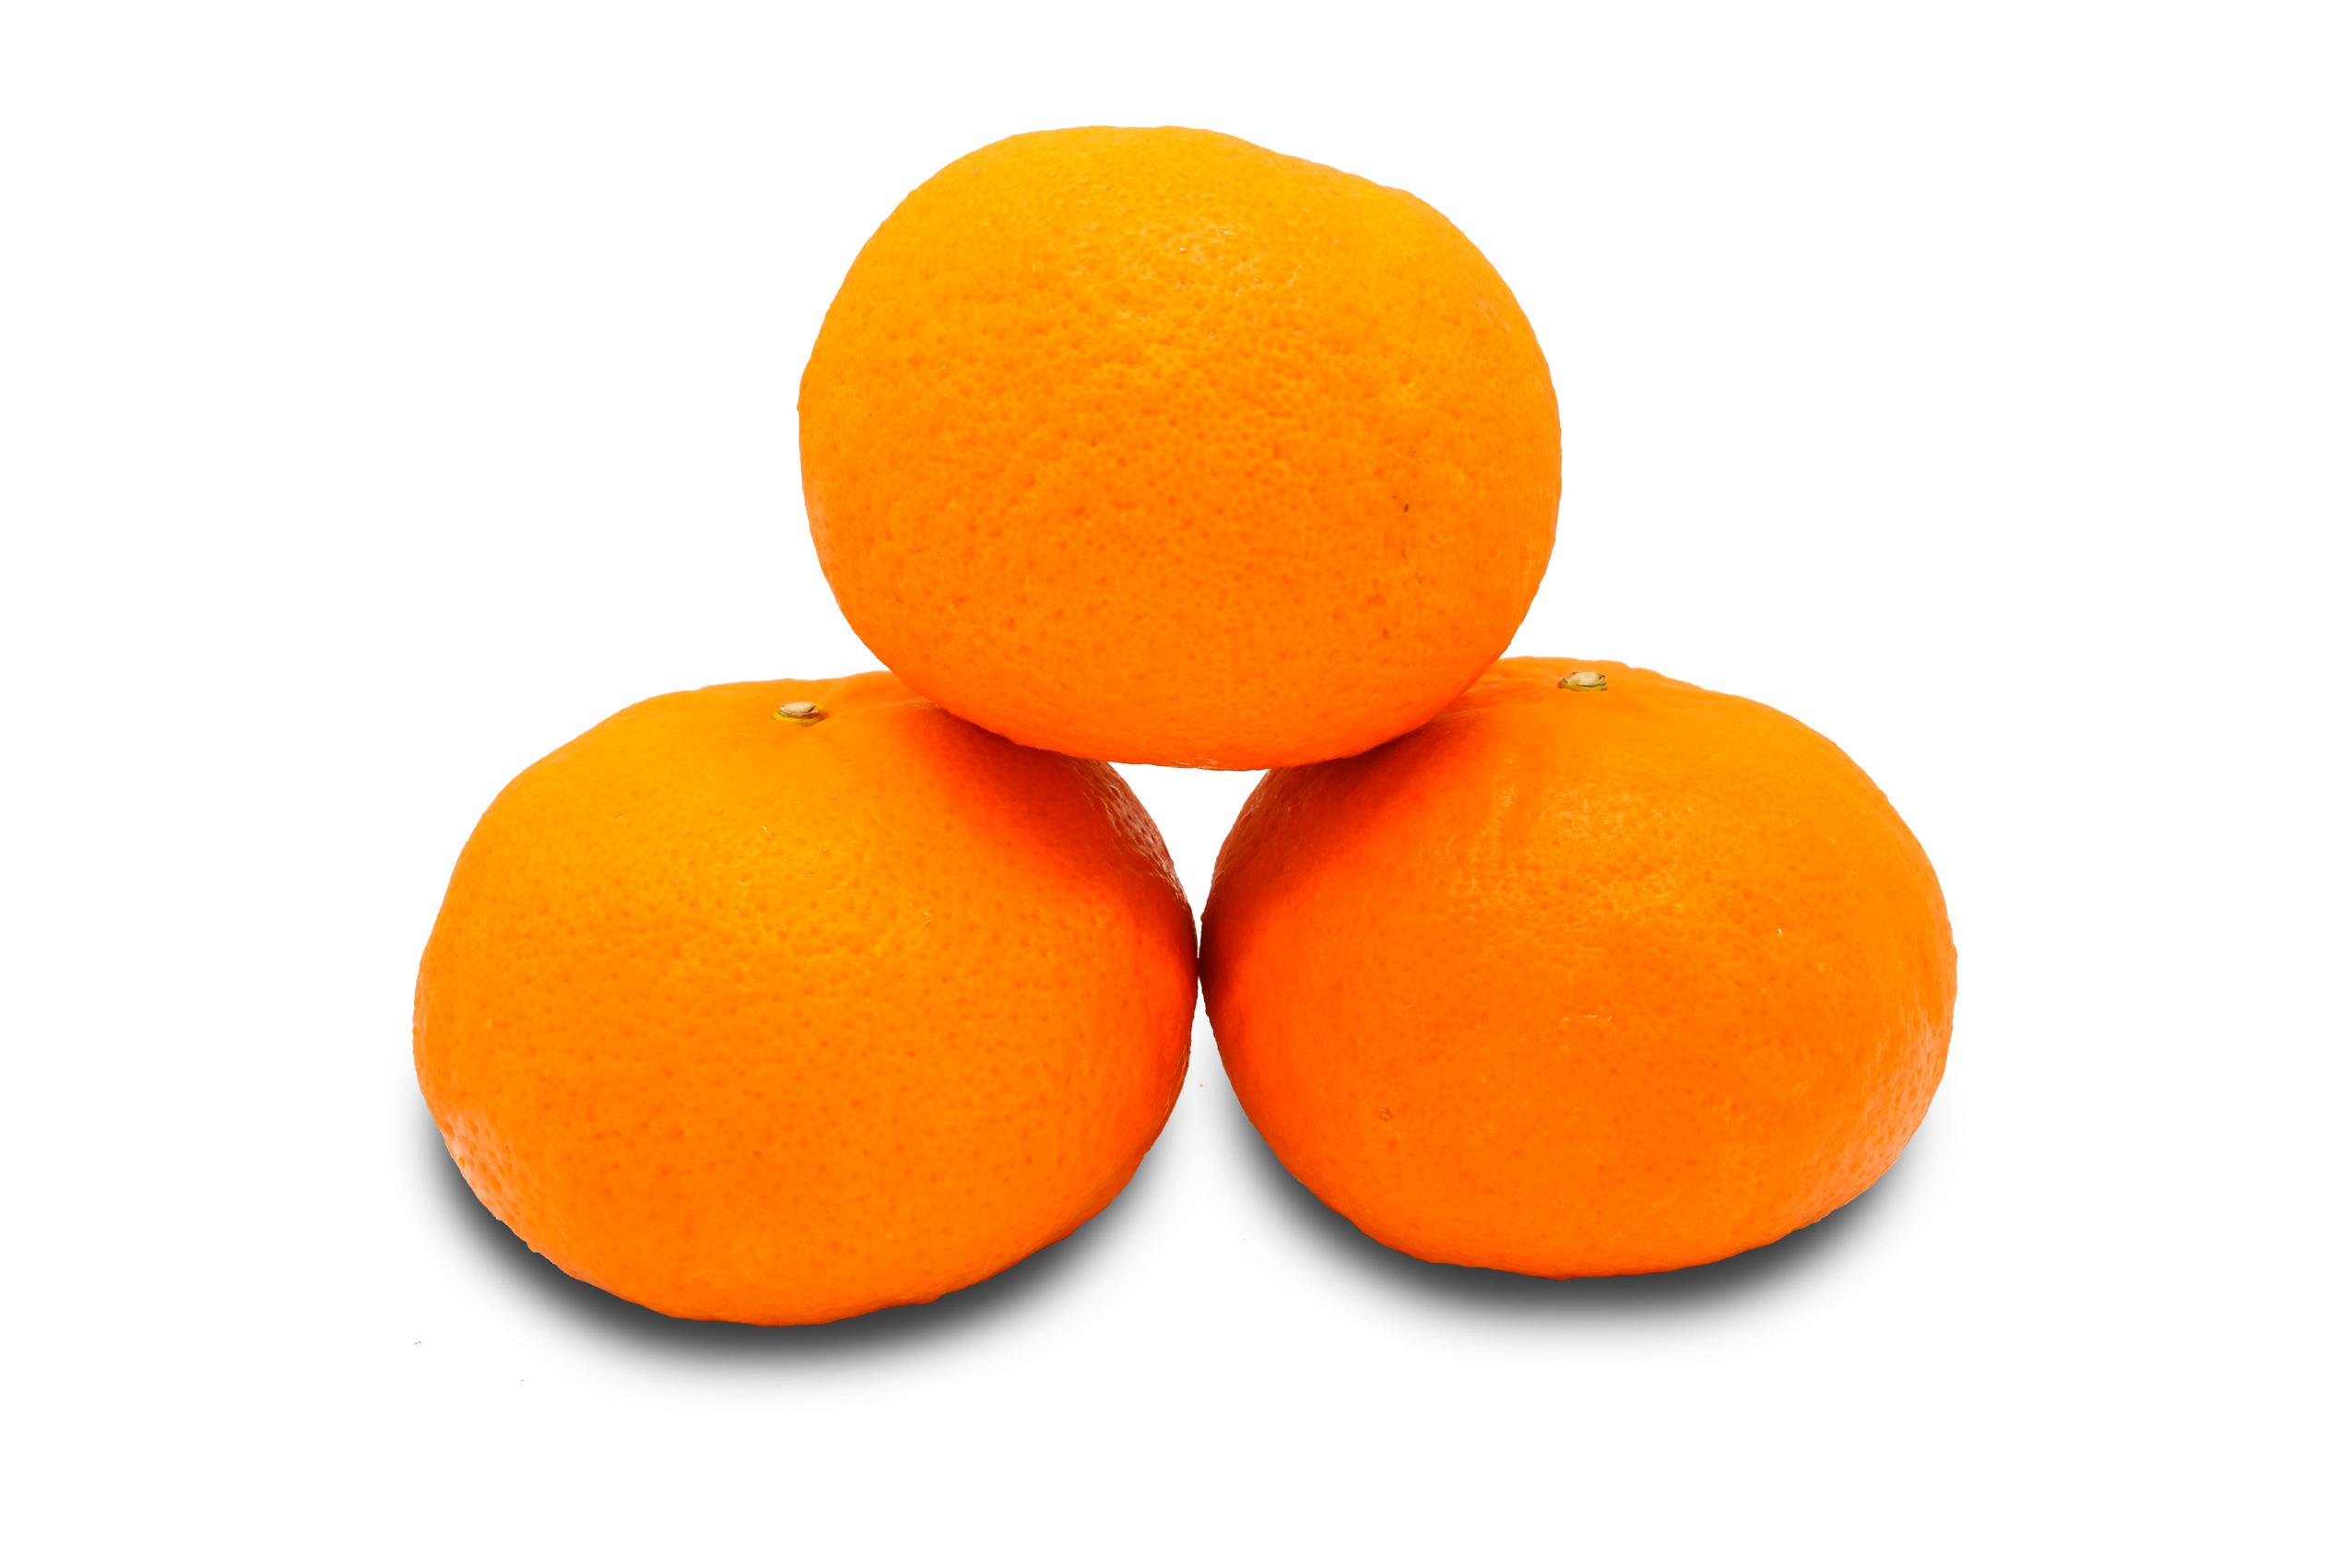 orange-honey-murcott